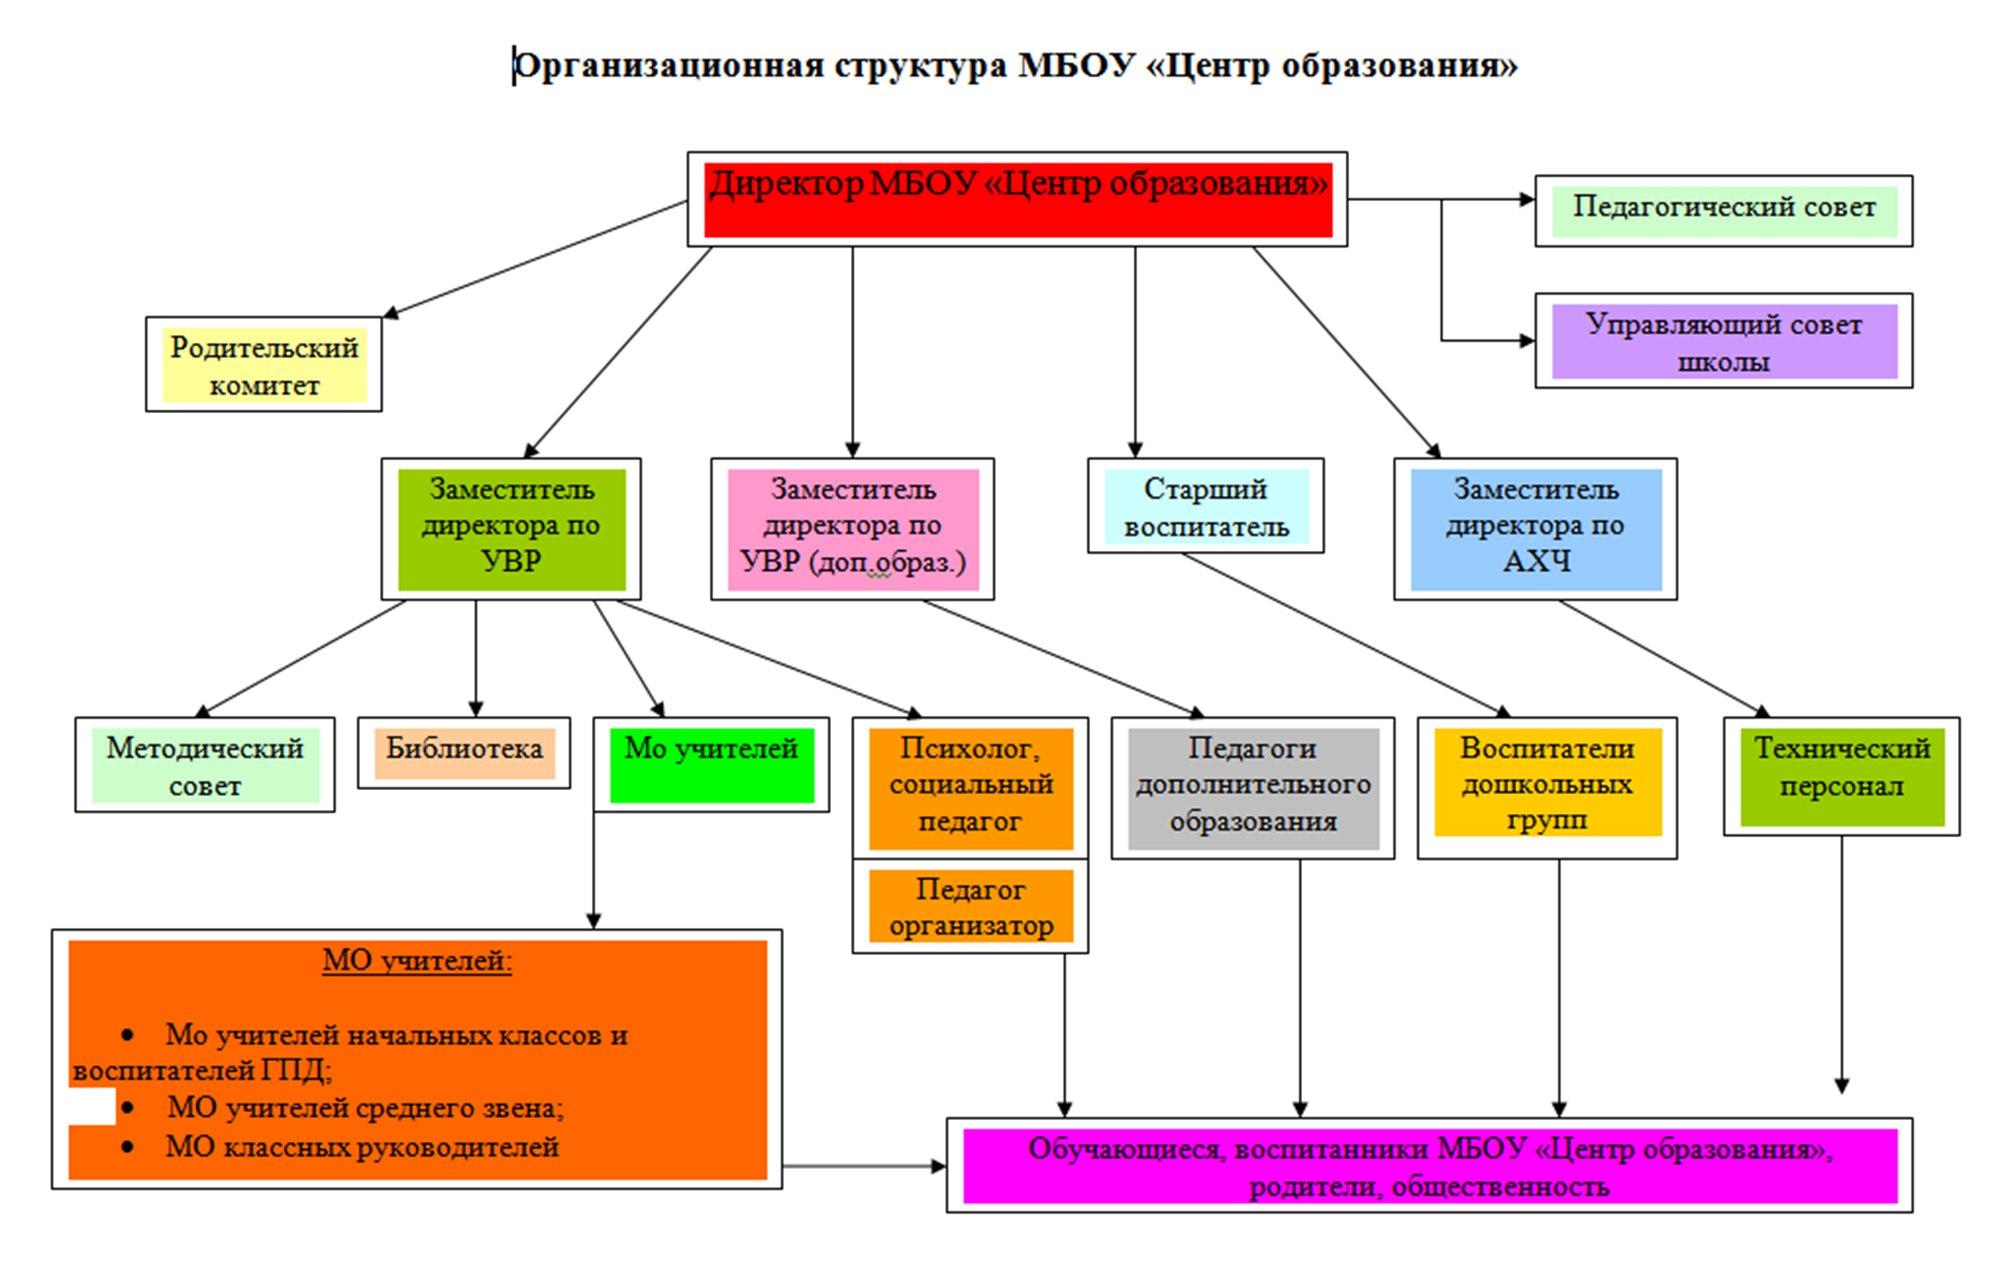 Дошкольный отдел королев бухгалтерия регистрация ооо в жуковском